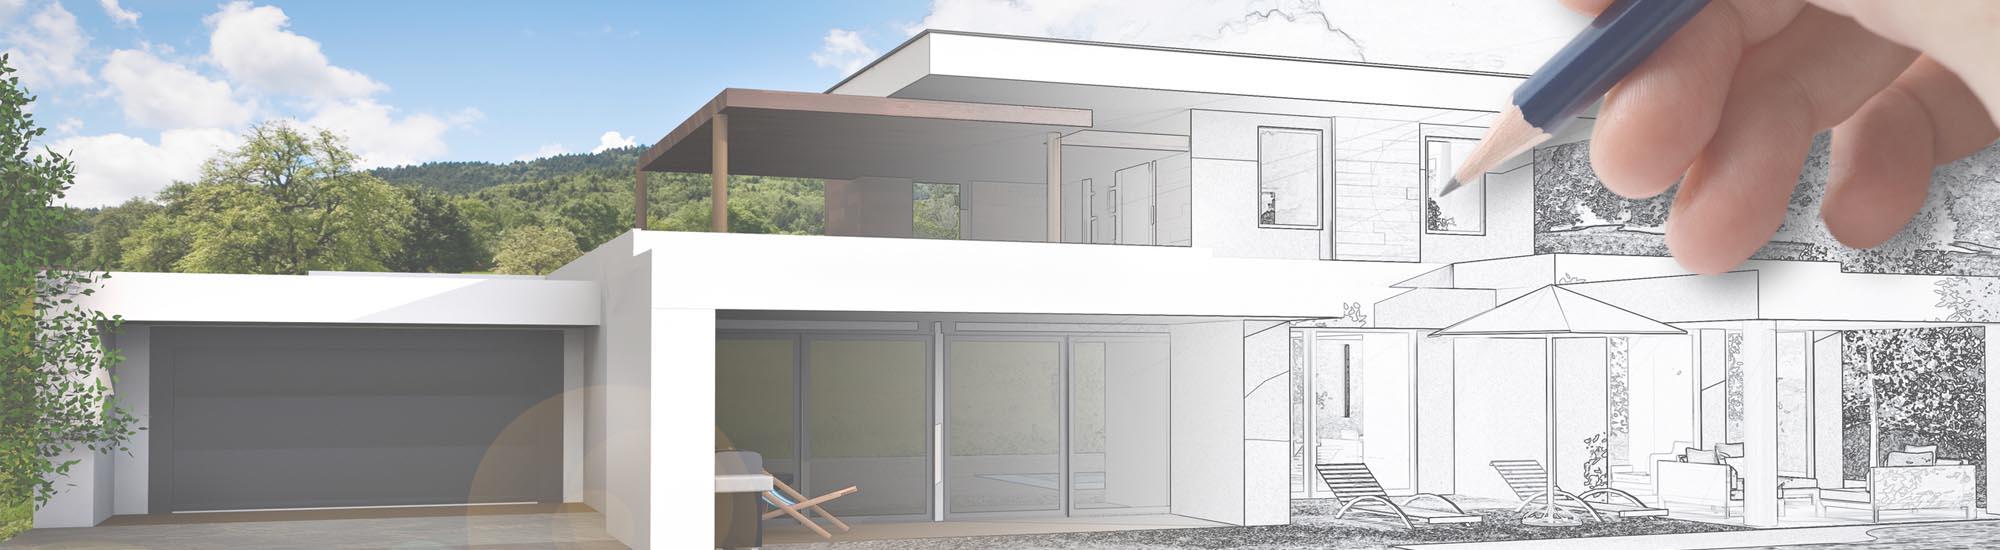 Le promoteur immobilier à sete s'occupe des logements de A à Z